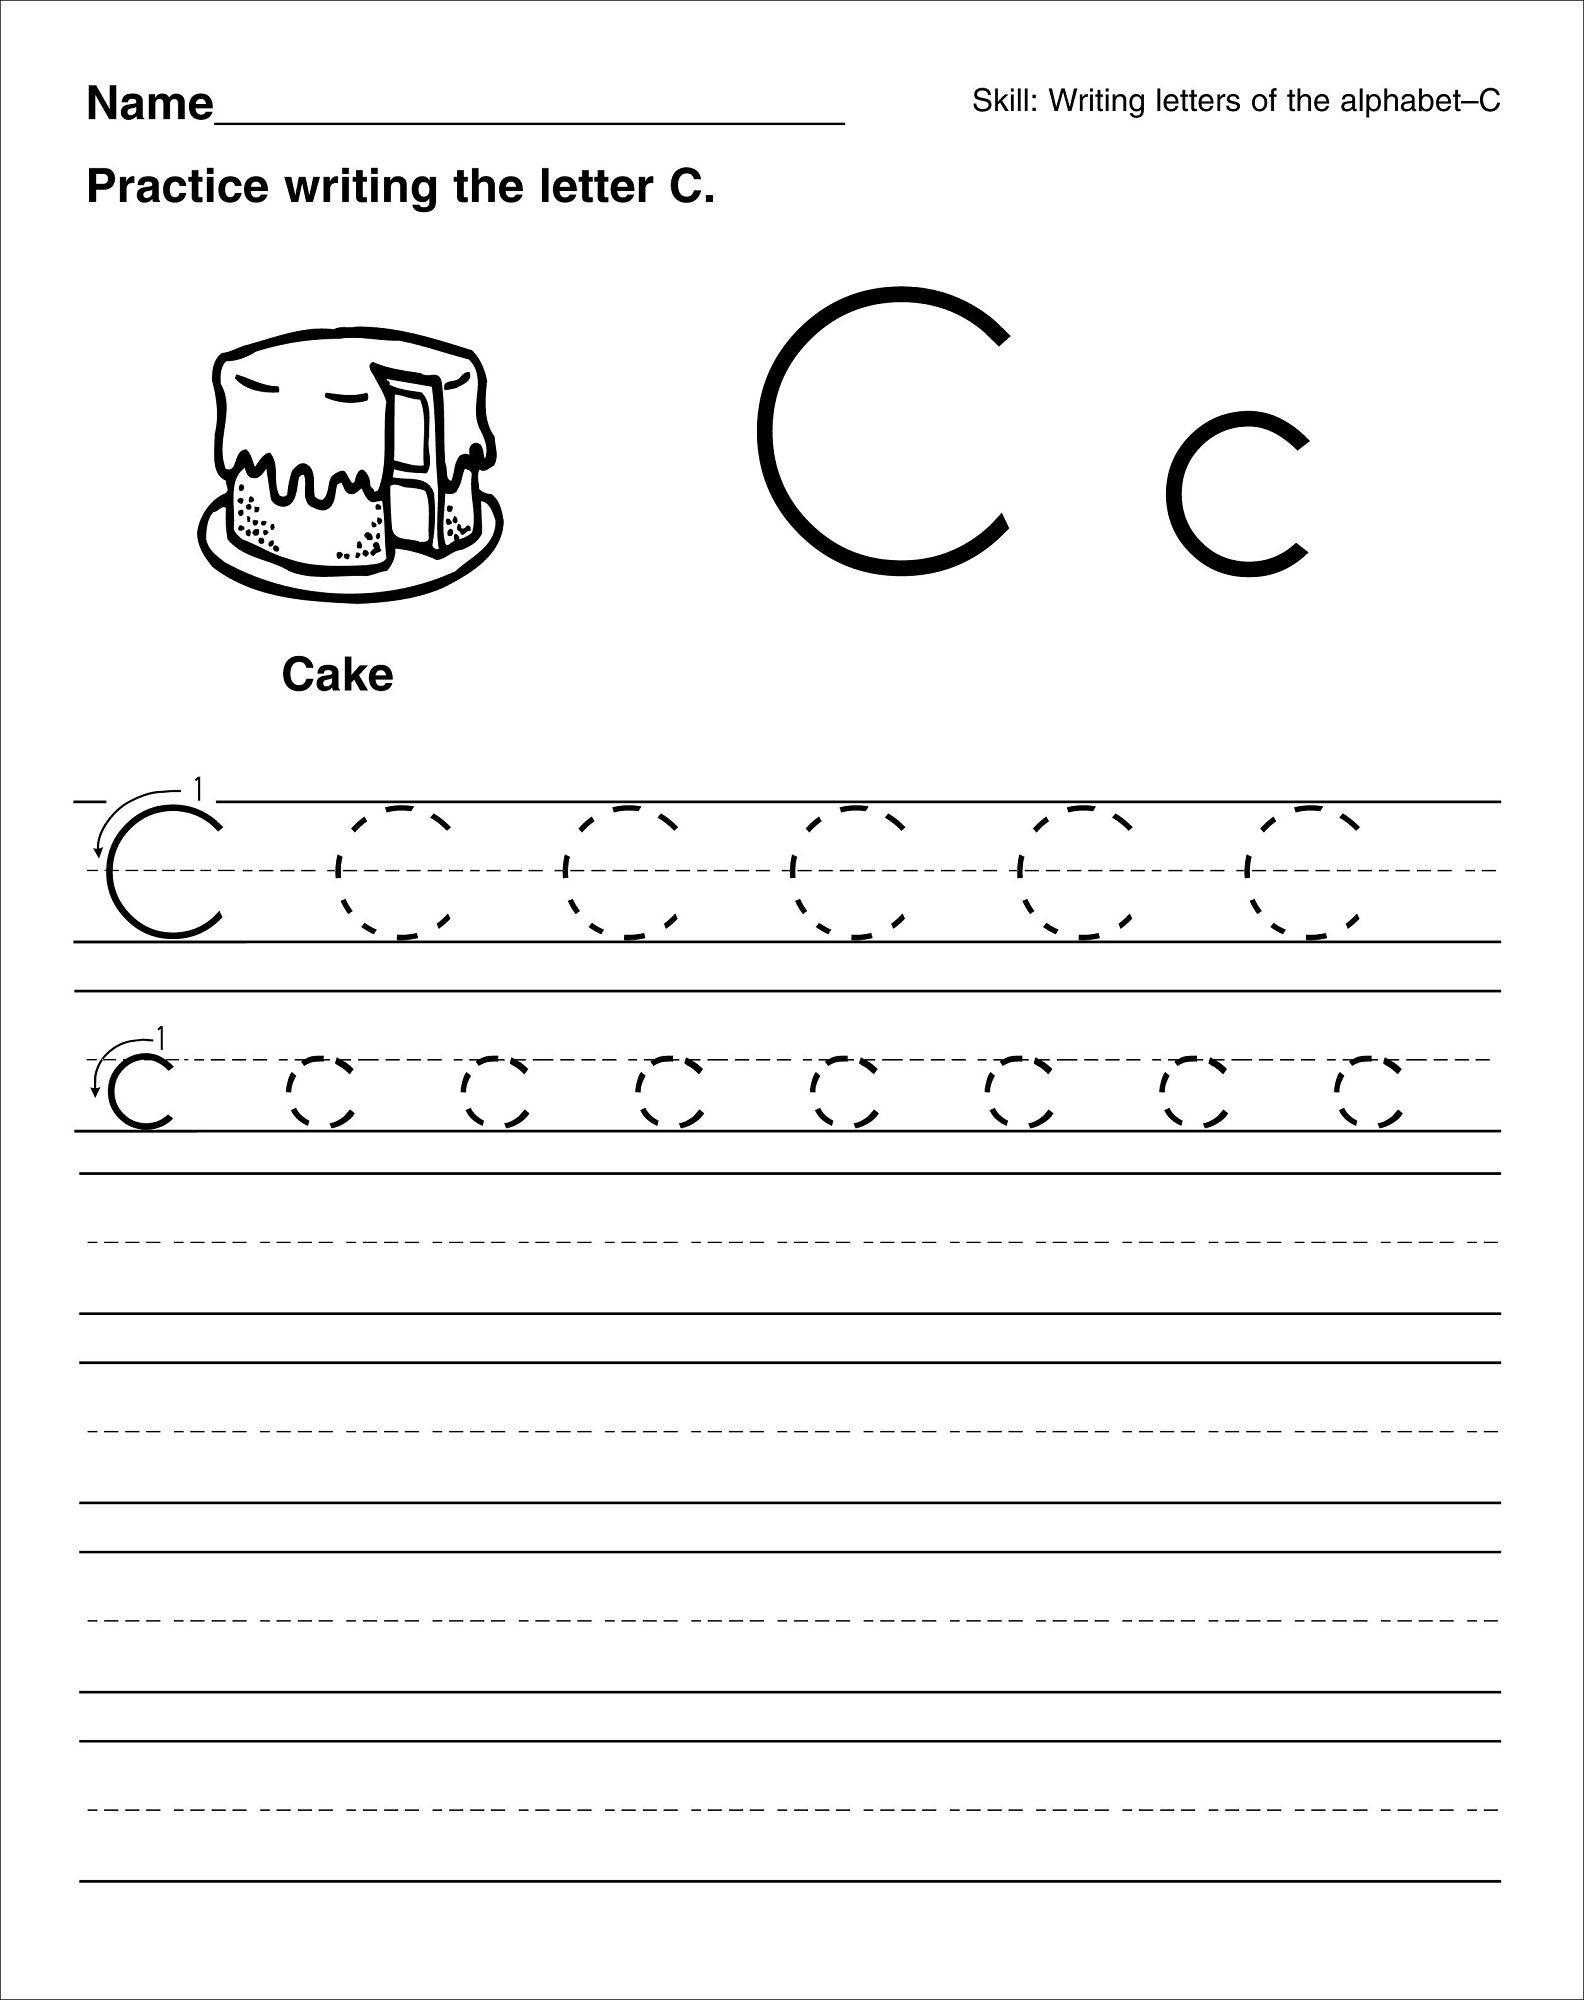 Trace The Letter C Worksheets | Letter C Worksheets, Writing intended for Letter C Worksheets For Pre K